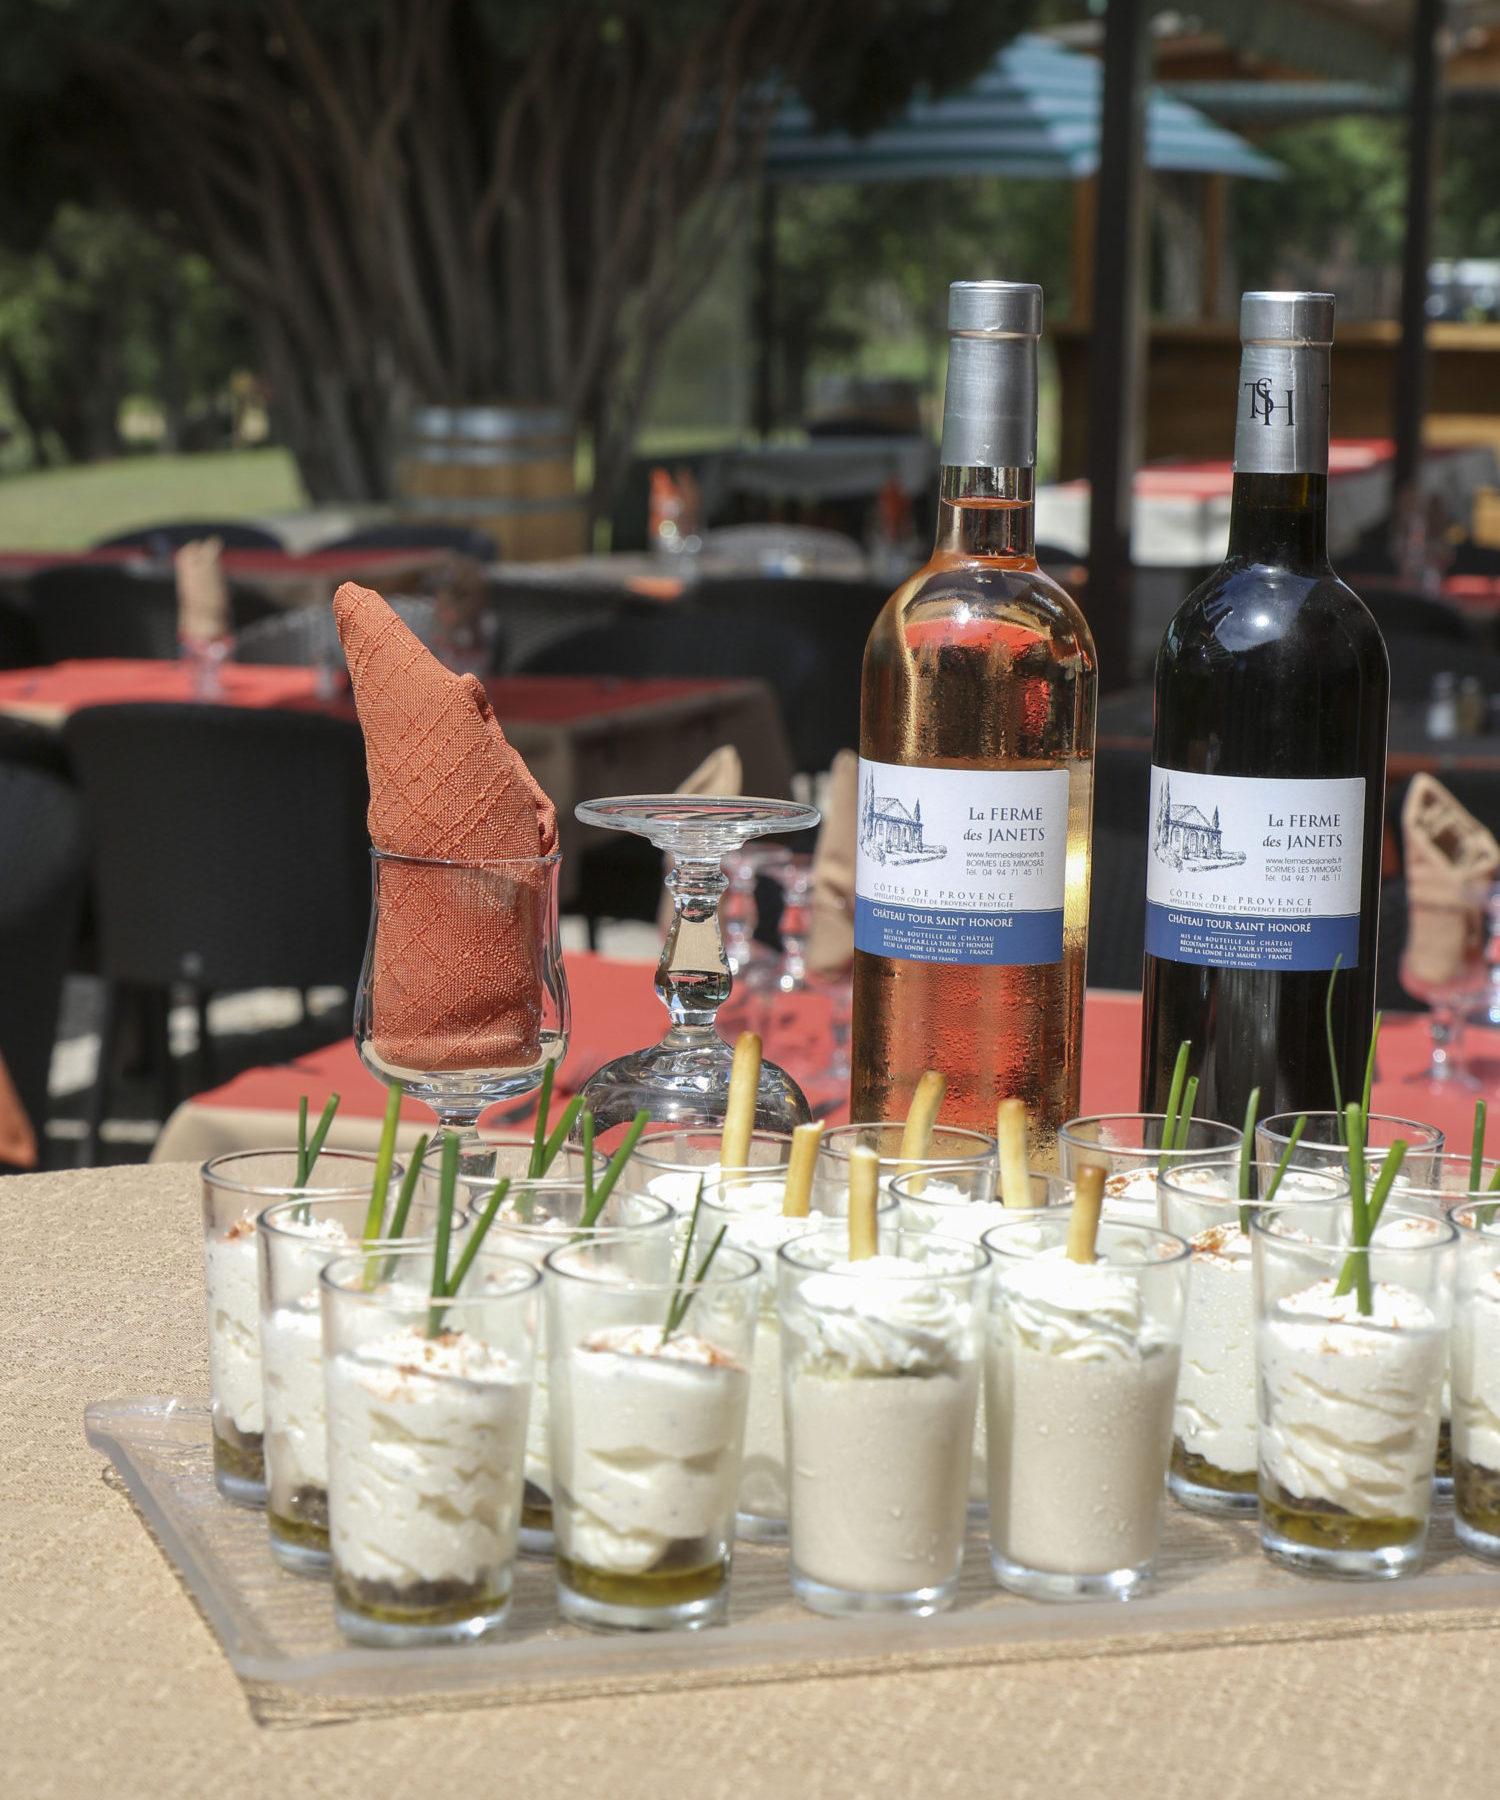 Restaurant à Bormes : Apéritif en verrine et bouteilles de vin de La Ferme des Janets.